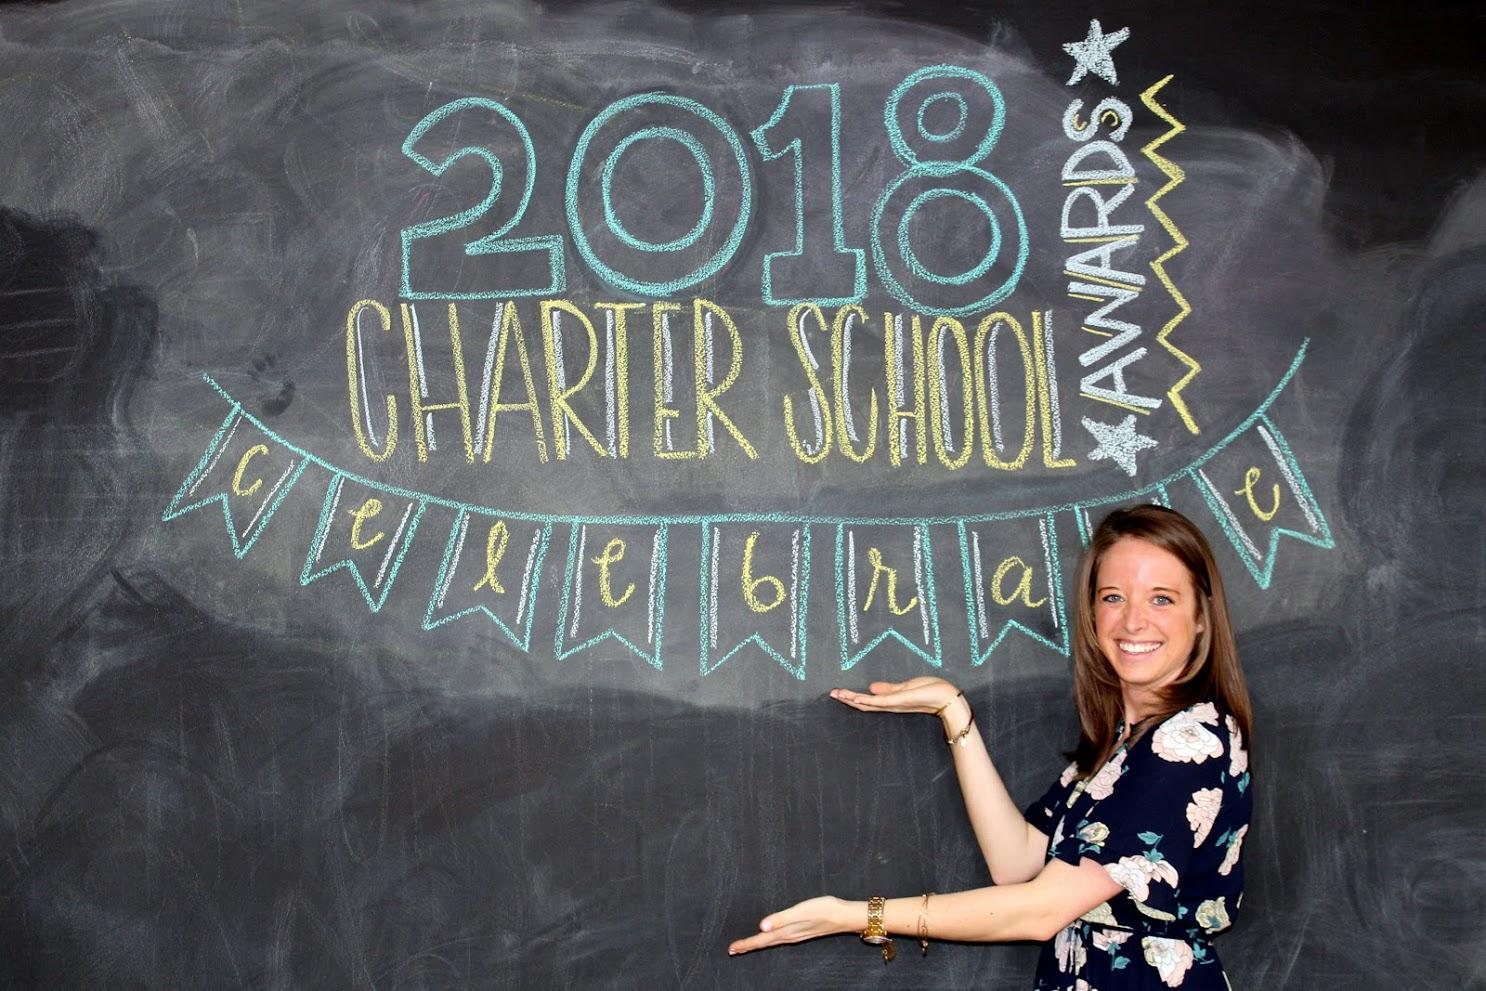 A photo of Jennifer Villwock, finalist for 2018 Charter Teacher of the Year.